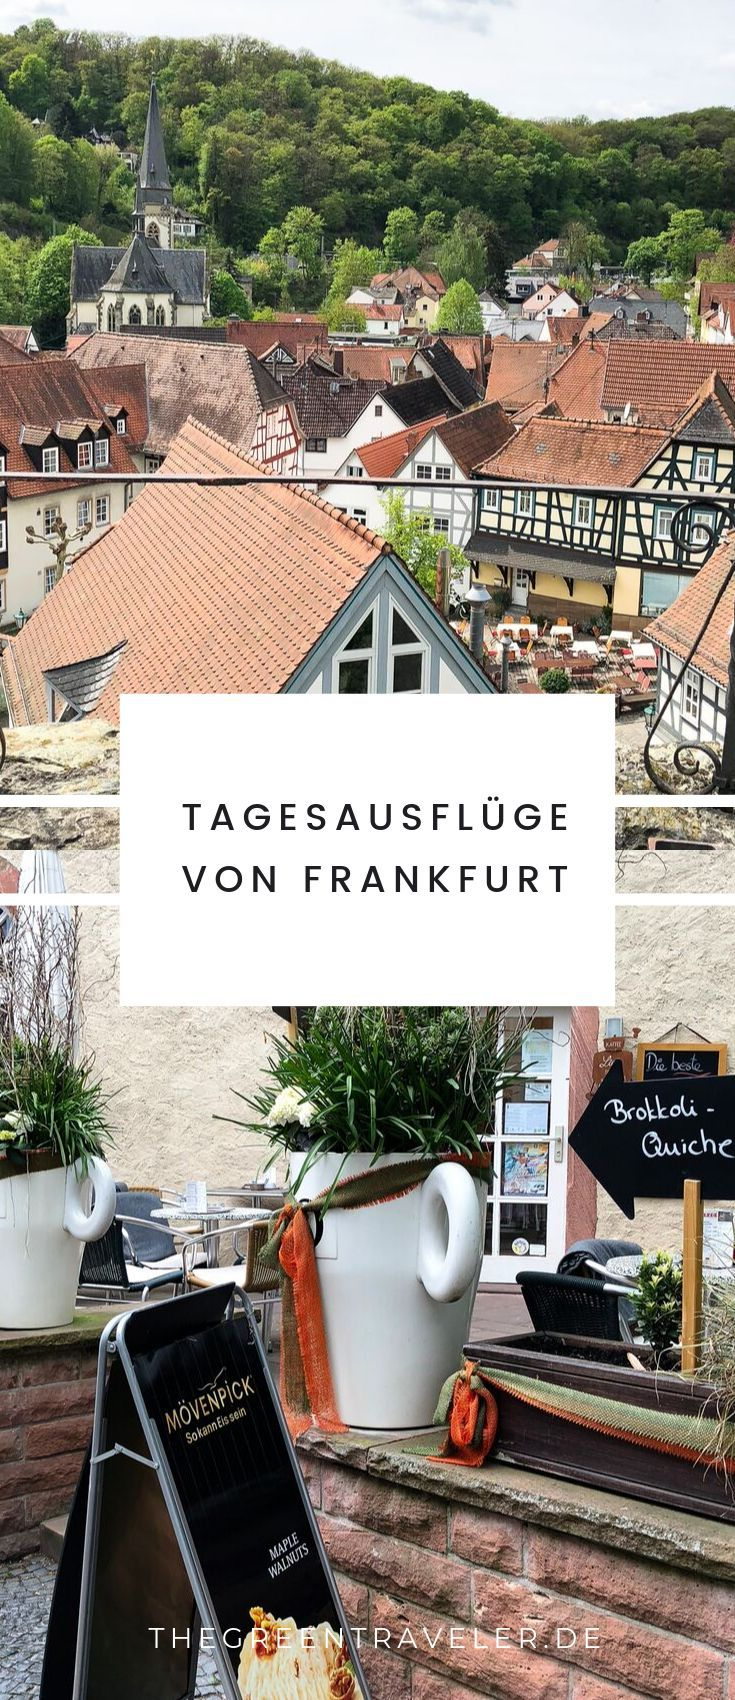 Frankfurt am Main ist bekannt für seine wunderschöne